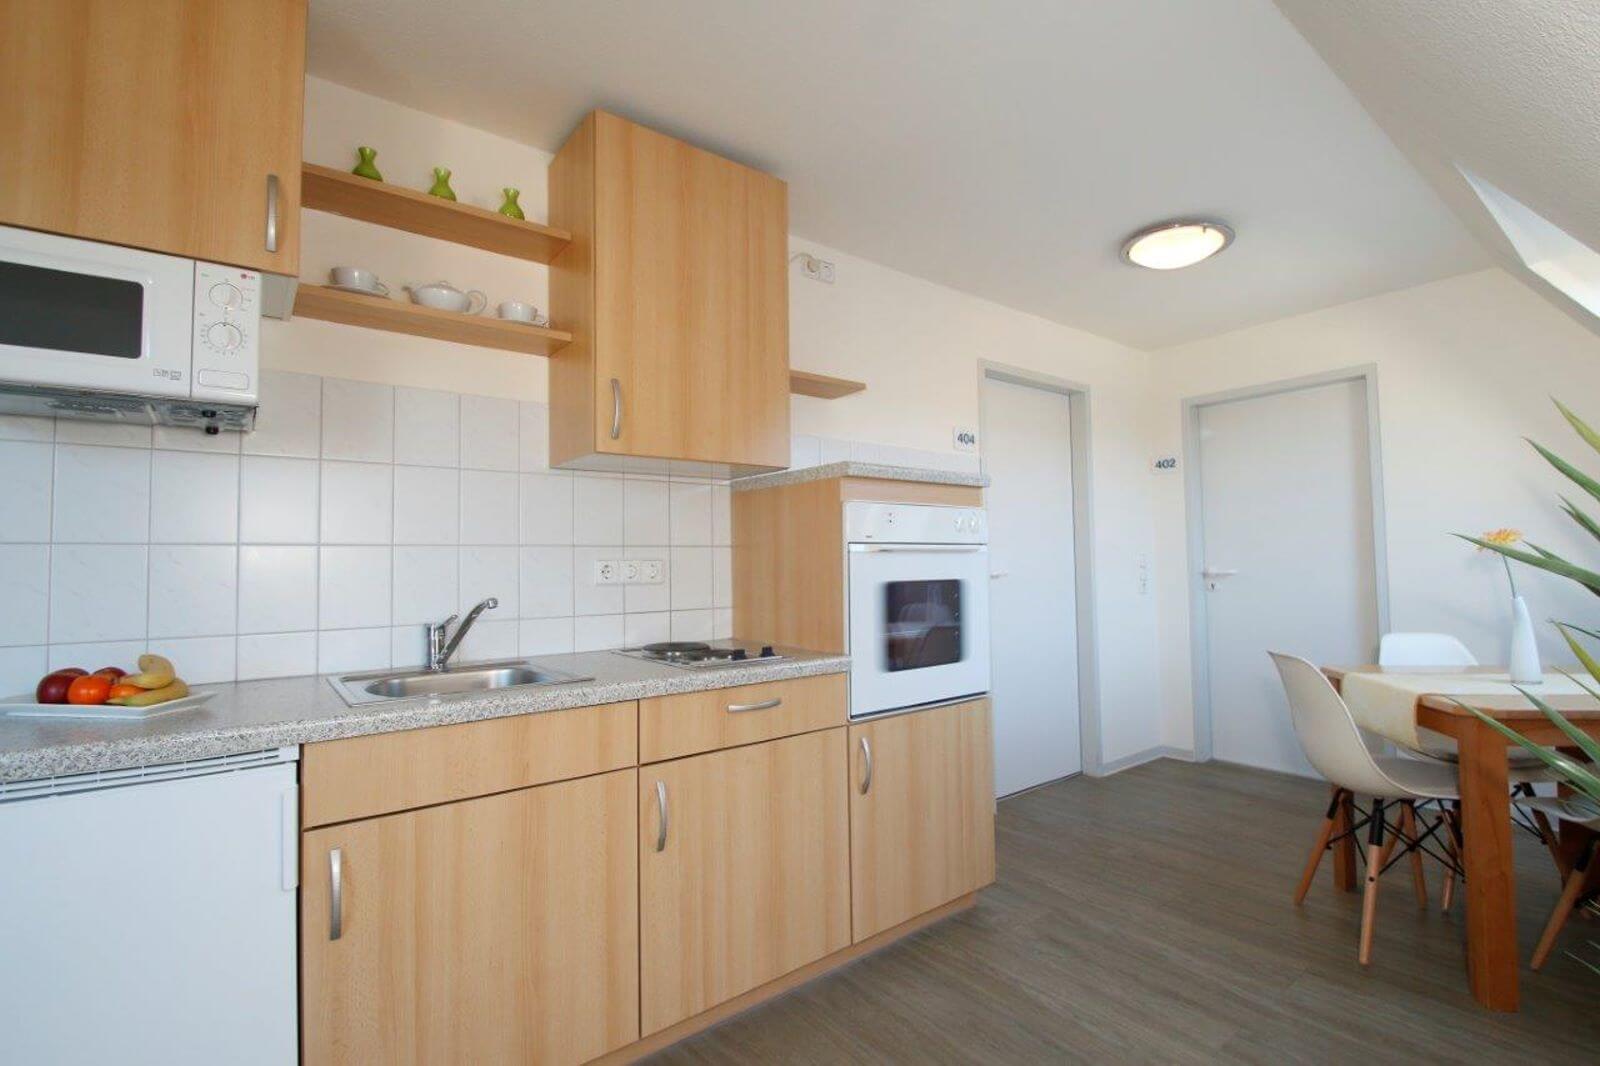 familienzimmer-suite-apartment-hotel-garni-pension-freiburg-cityhotel-innenstadt-guenstig (1)